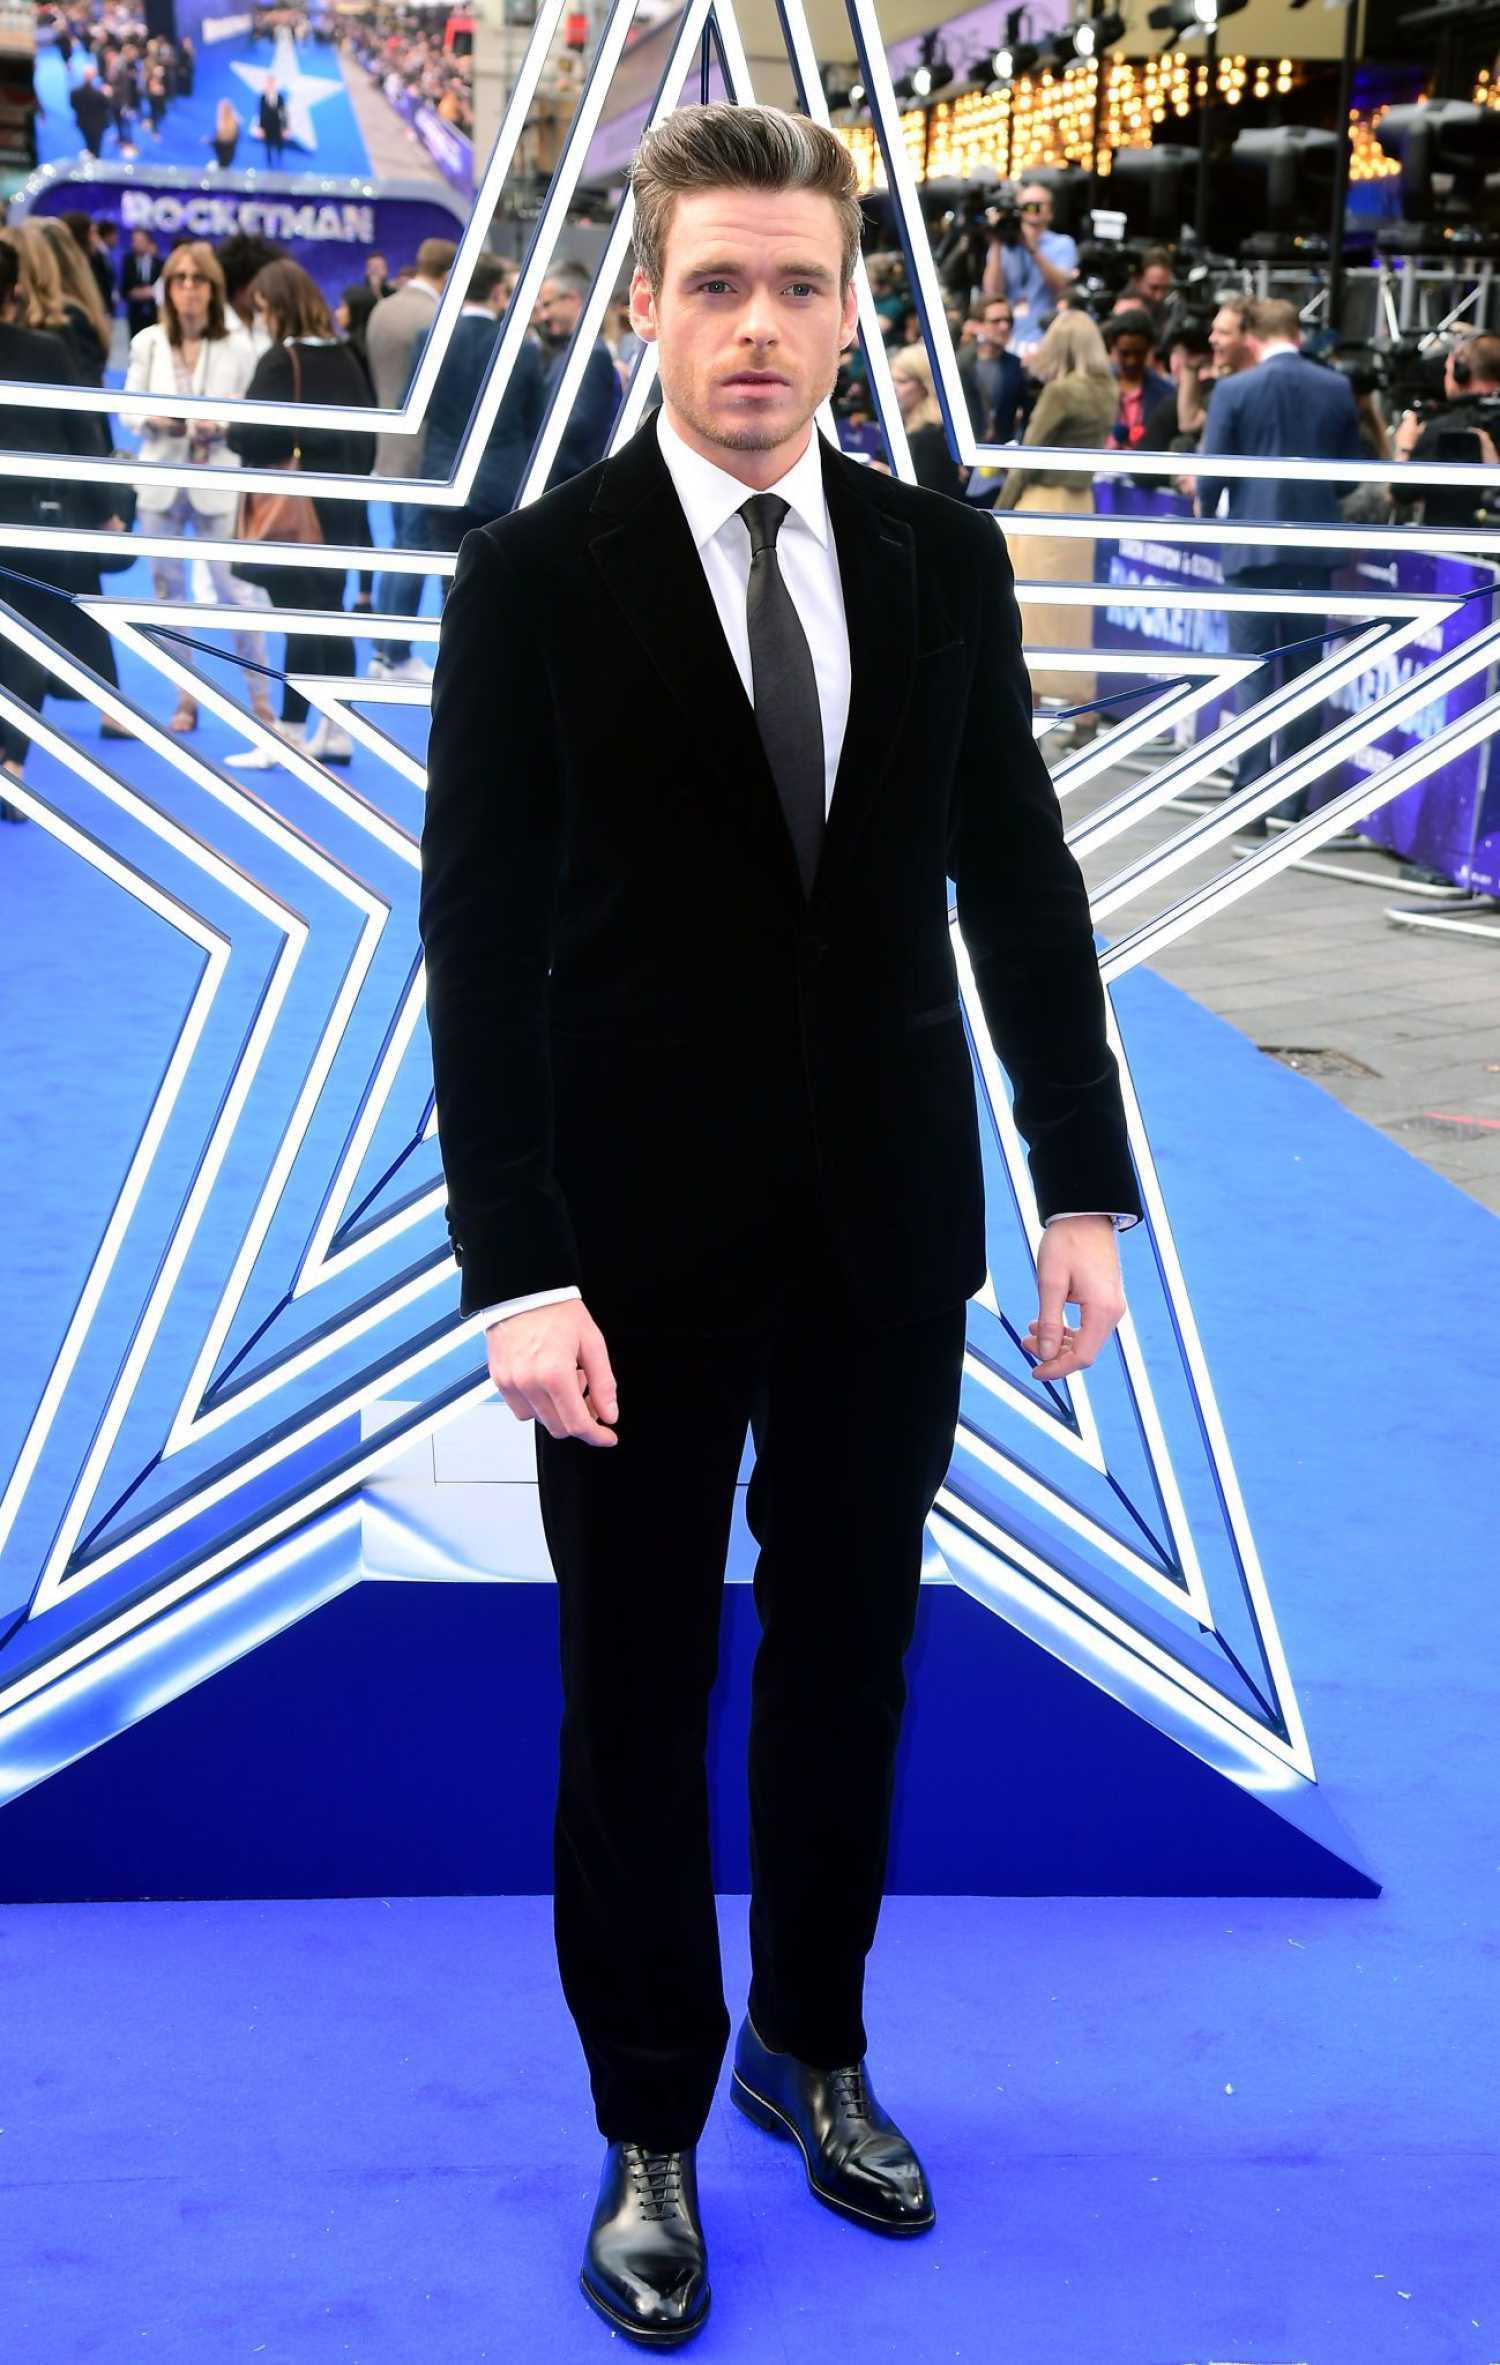 Richard Madden Attends The Rocketman UK Premiere In London